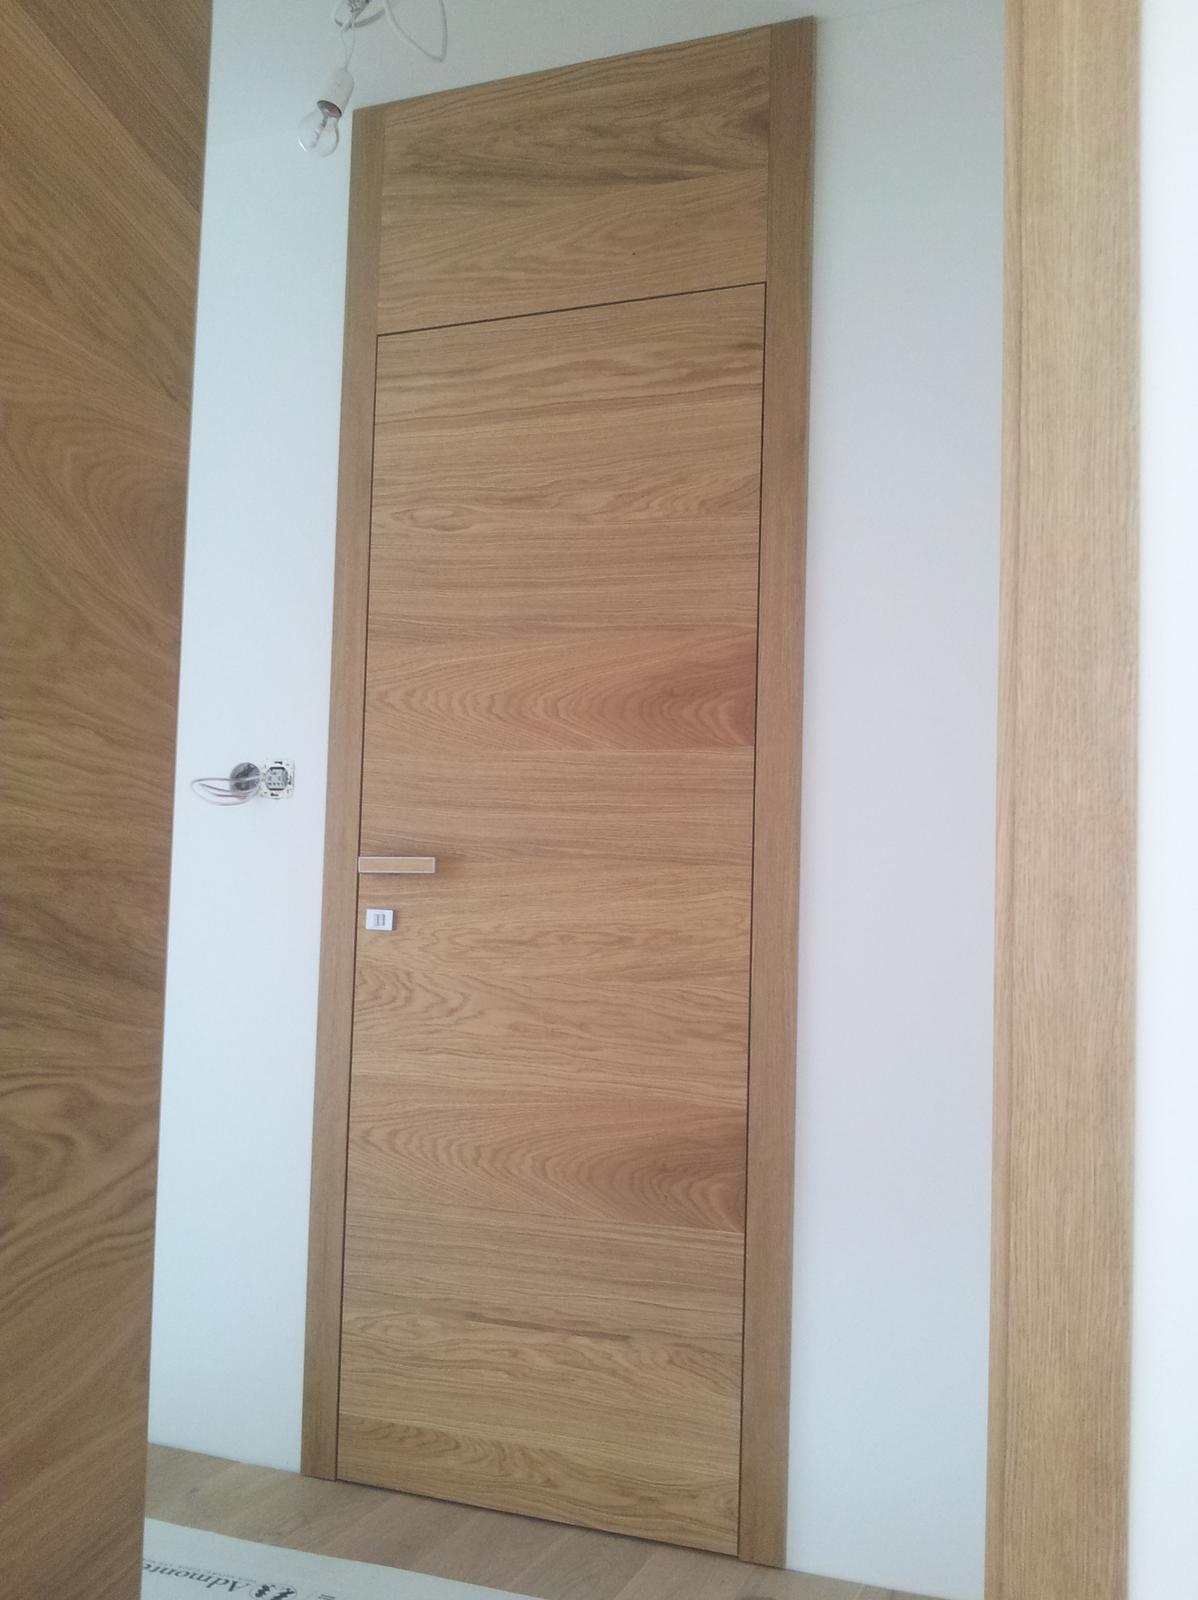 Interierové dvere na mieru - Bezfalcové interierové dvere v dubovom prevedení. Cubica